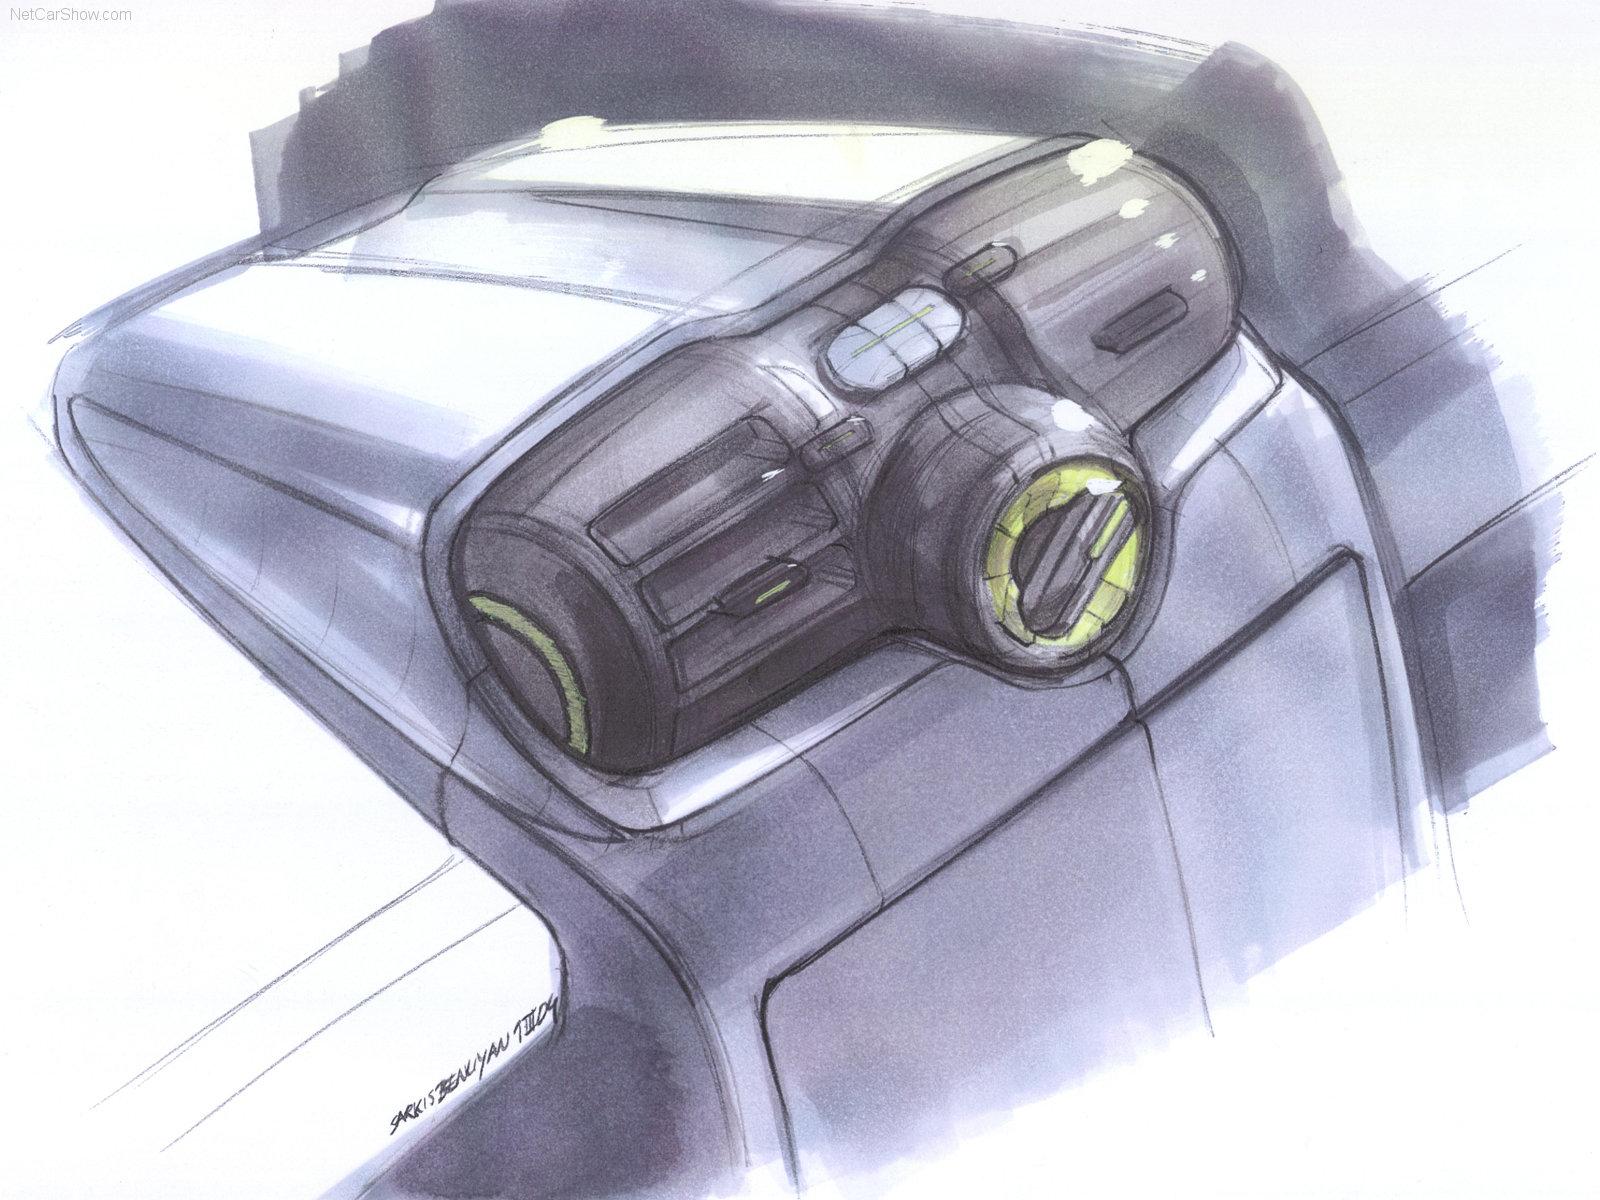 Hình ảnh xe ô tô Smart fortwo 2007 & nội ngoại thất